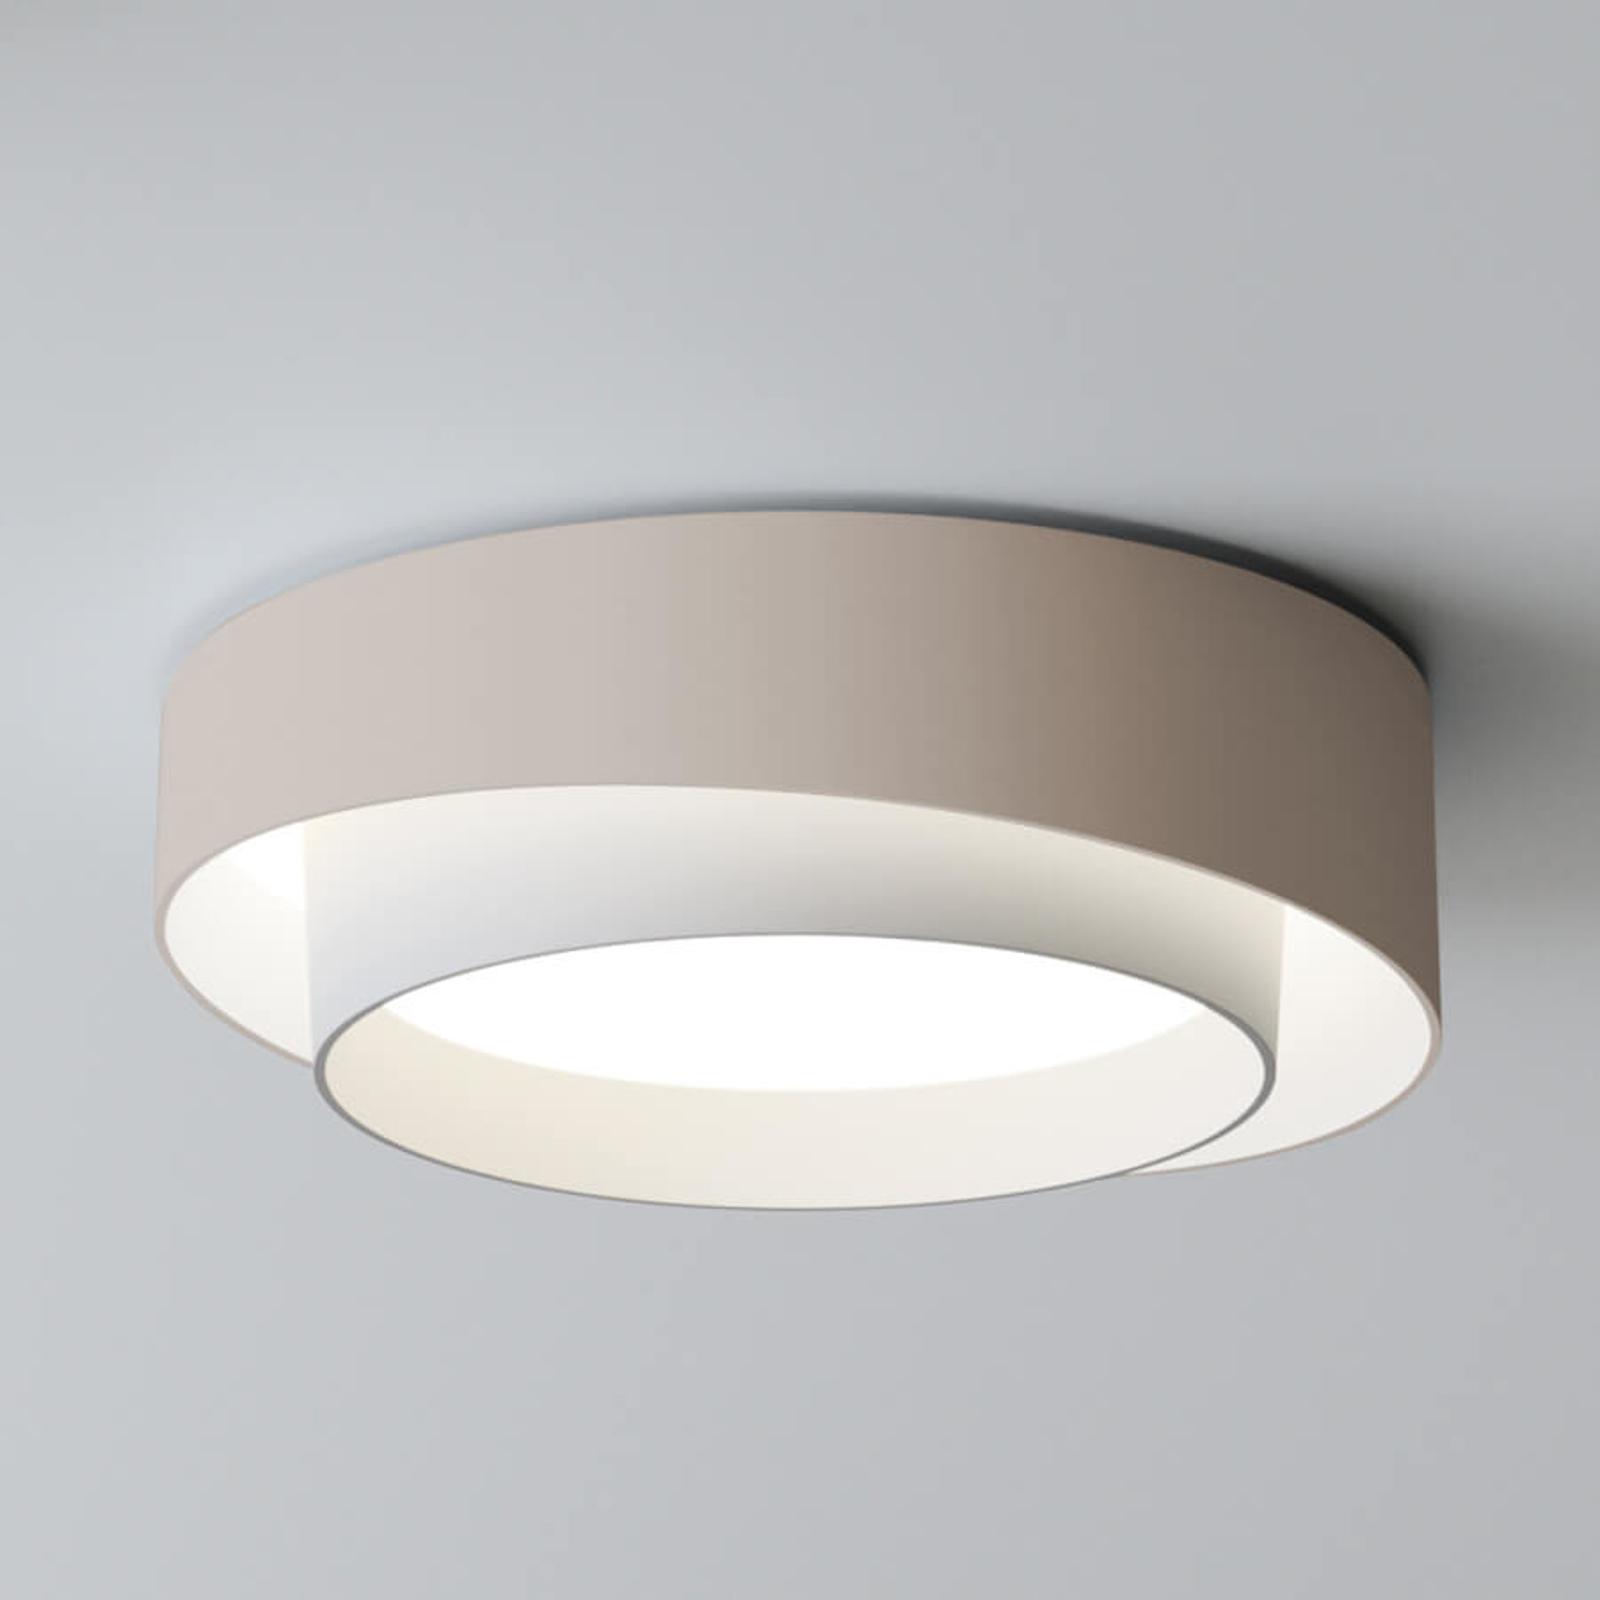 Valovoimainen LED-kattovalaisin Centric, kerma